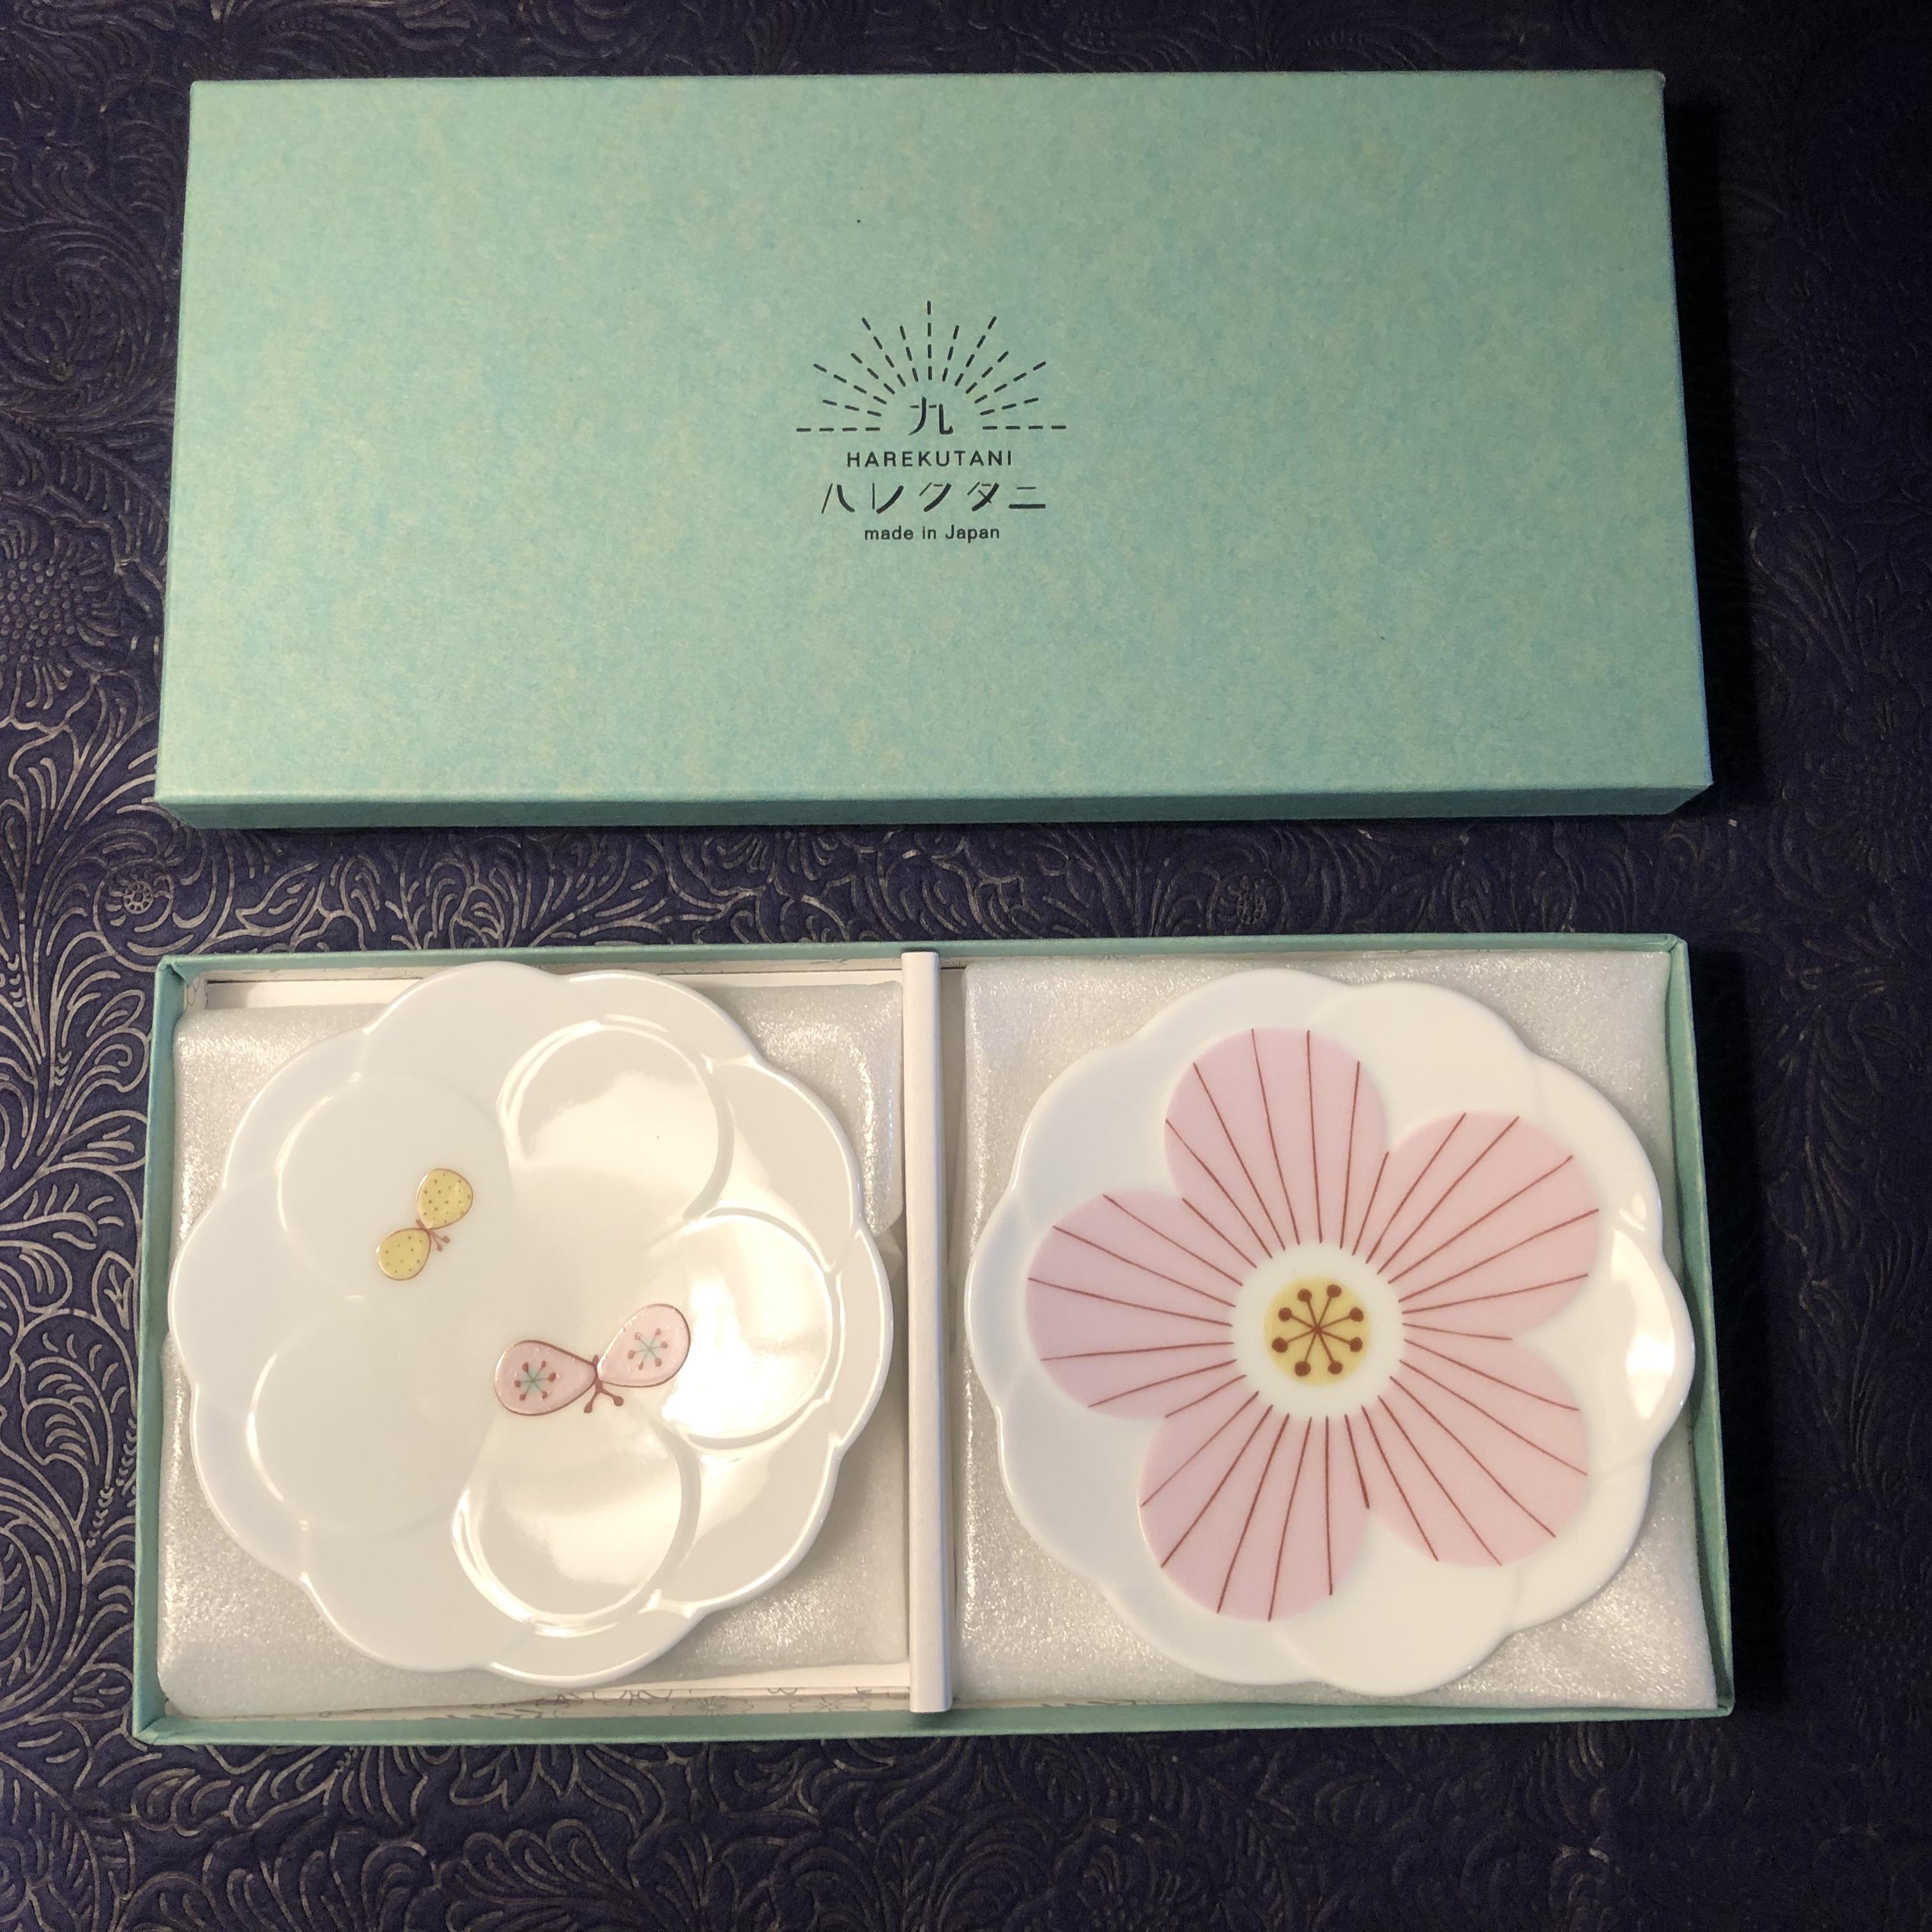 九谷焼 ハレクタニ 花小皿ピンク2個セット